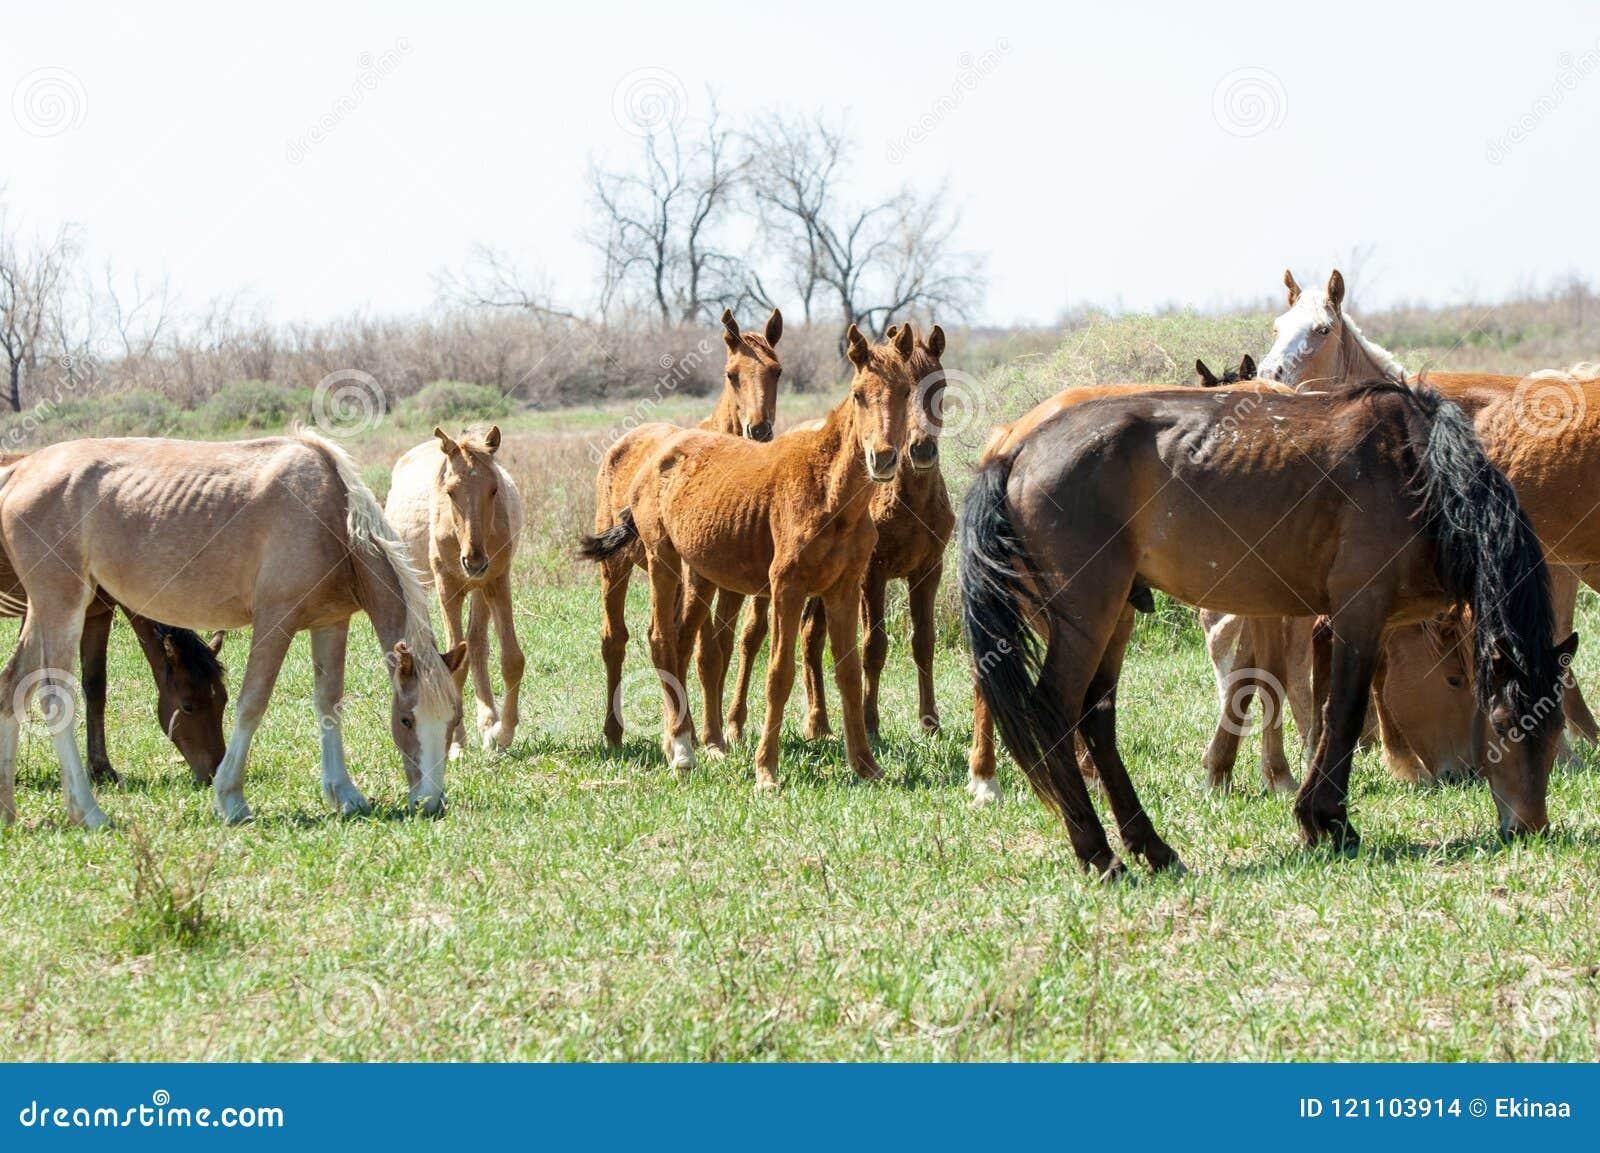 Cheval, équin, canasson, hoss, entaille, cheval de trait